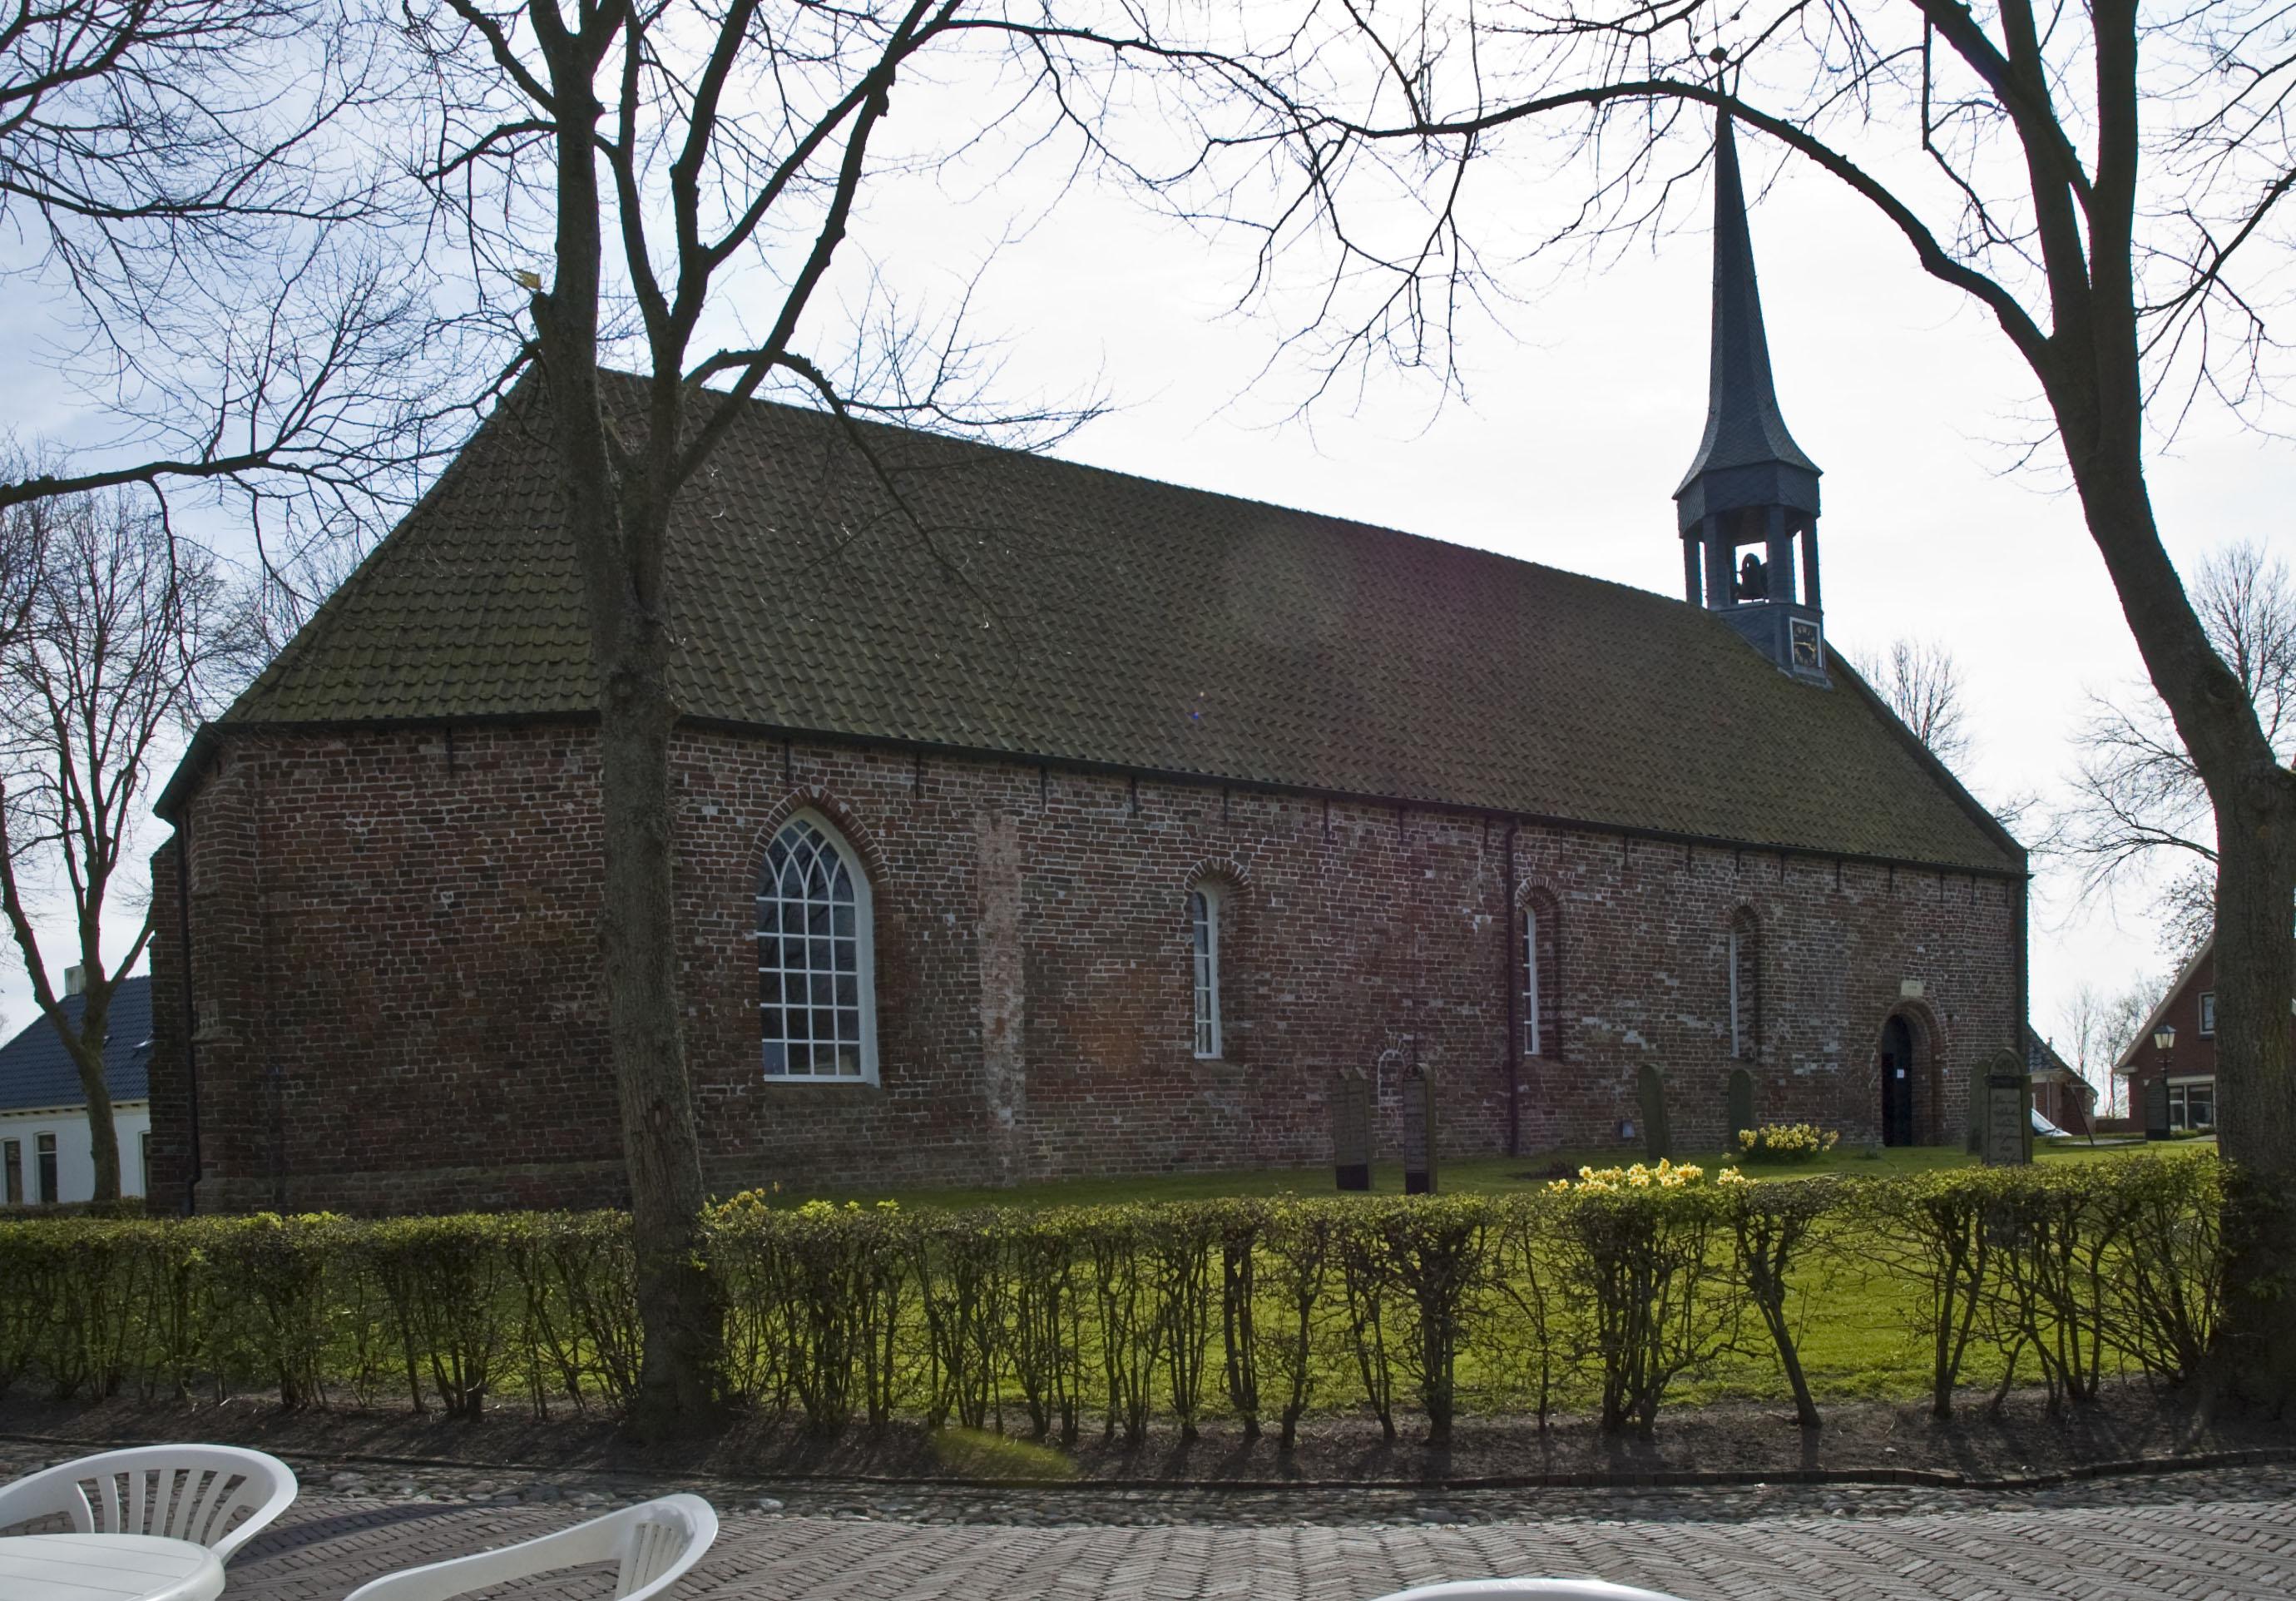 protestantse gemeente oldehove niehove welkom